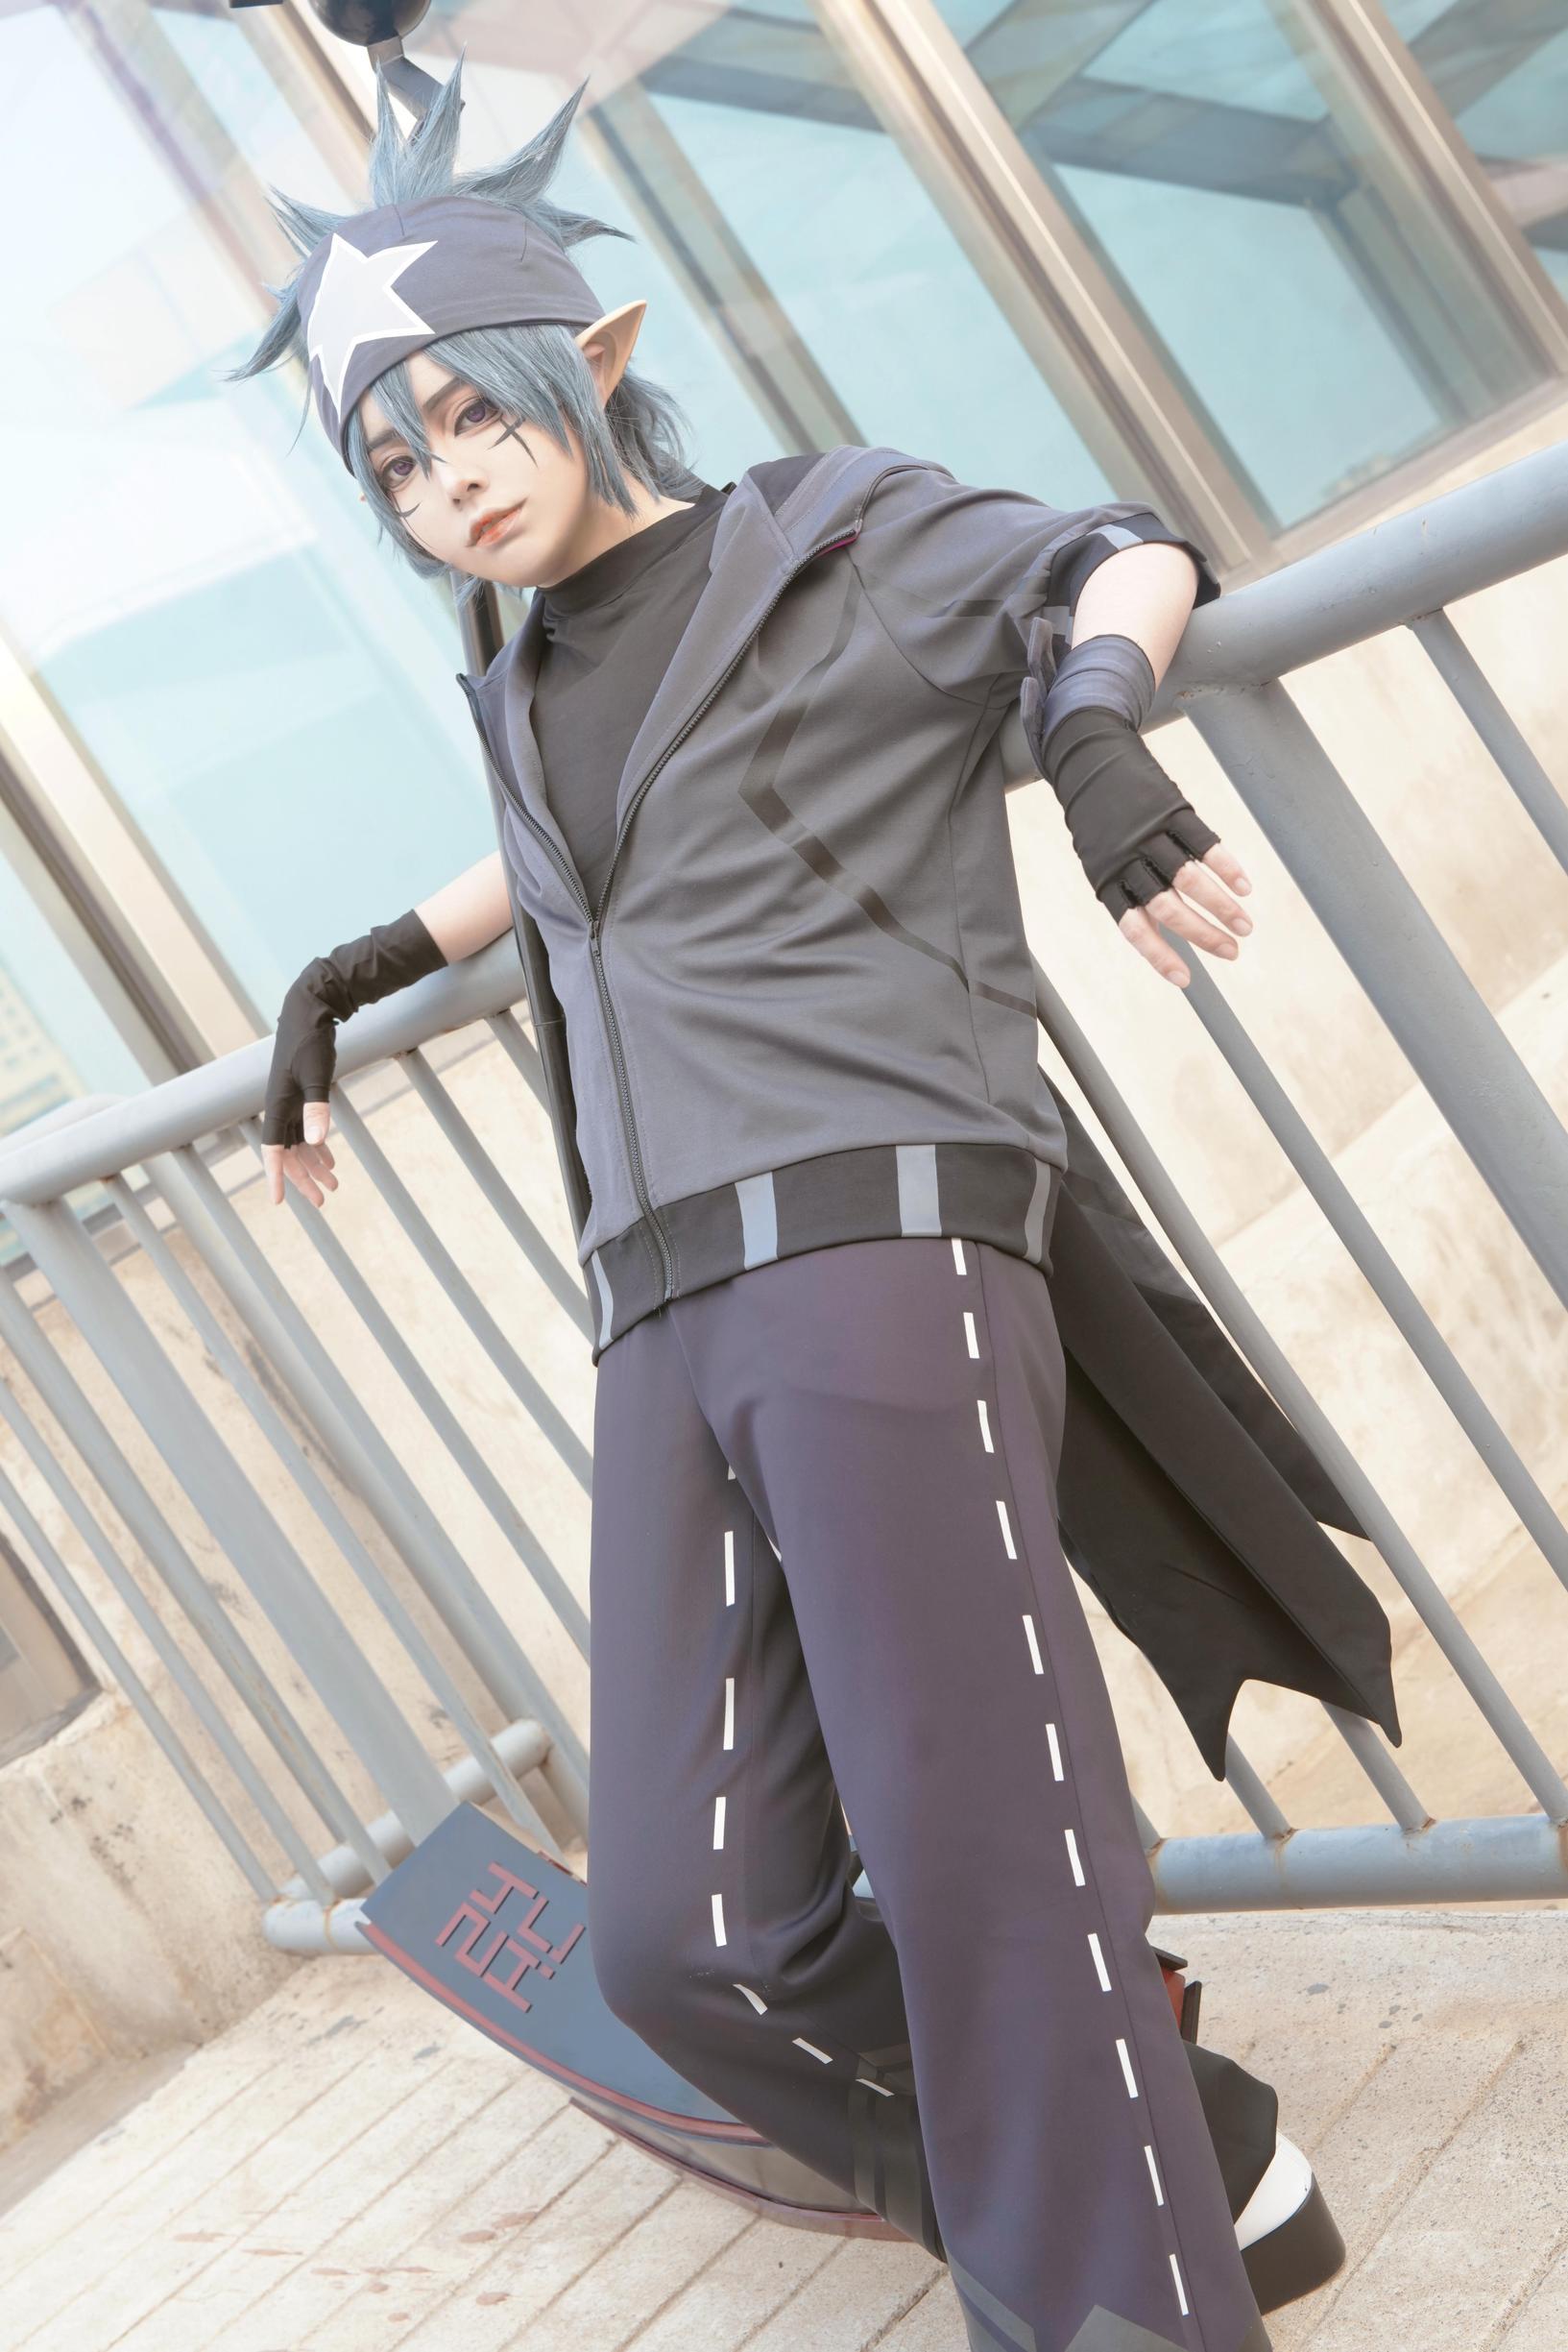 《凹凸世界》正片cosplay【CN:团子每天都要元气满满】-第13张